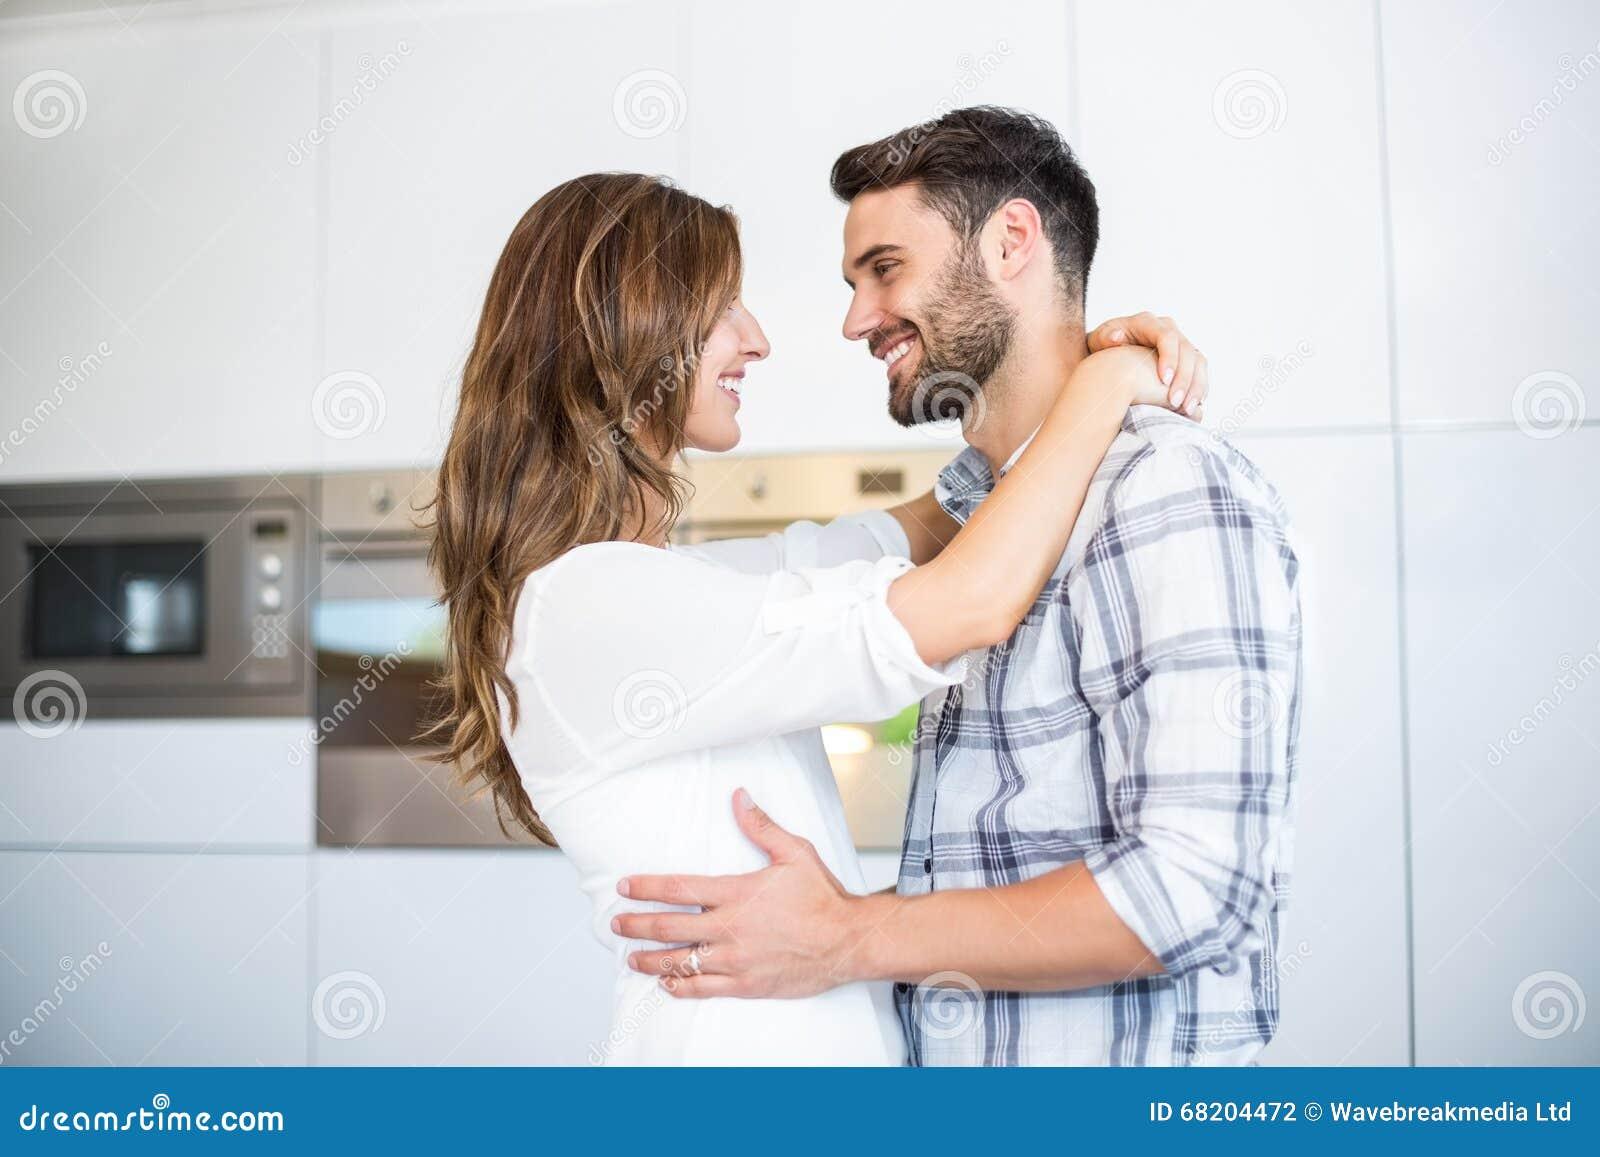 在家拥抱在厨房里的愉快的年轻夫妇.图片